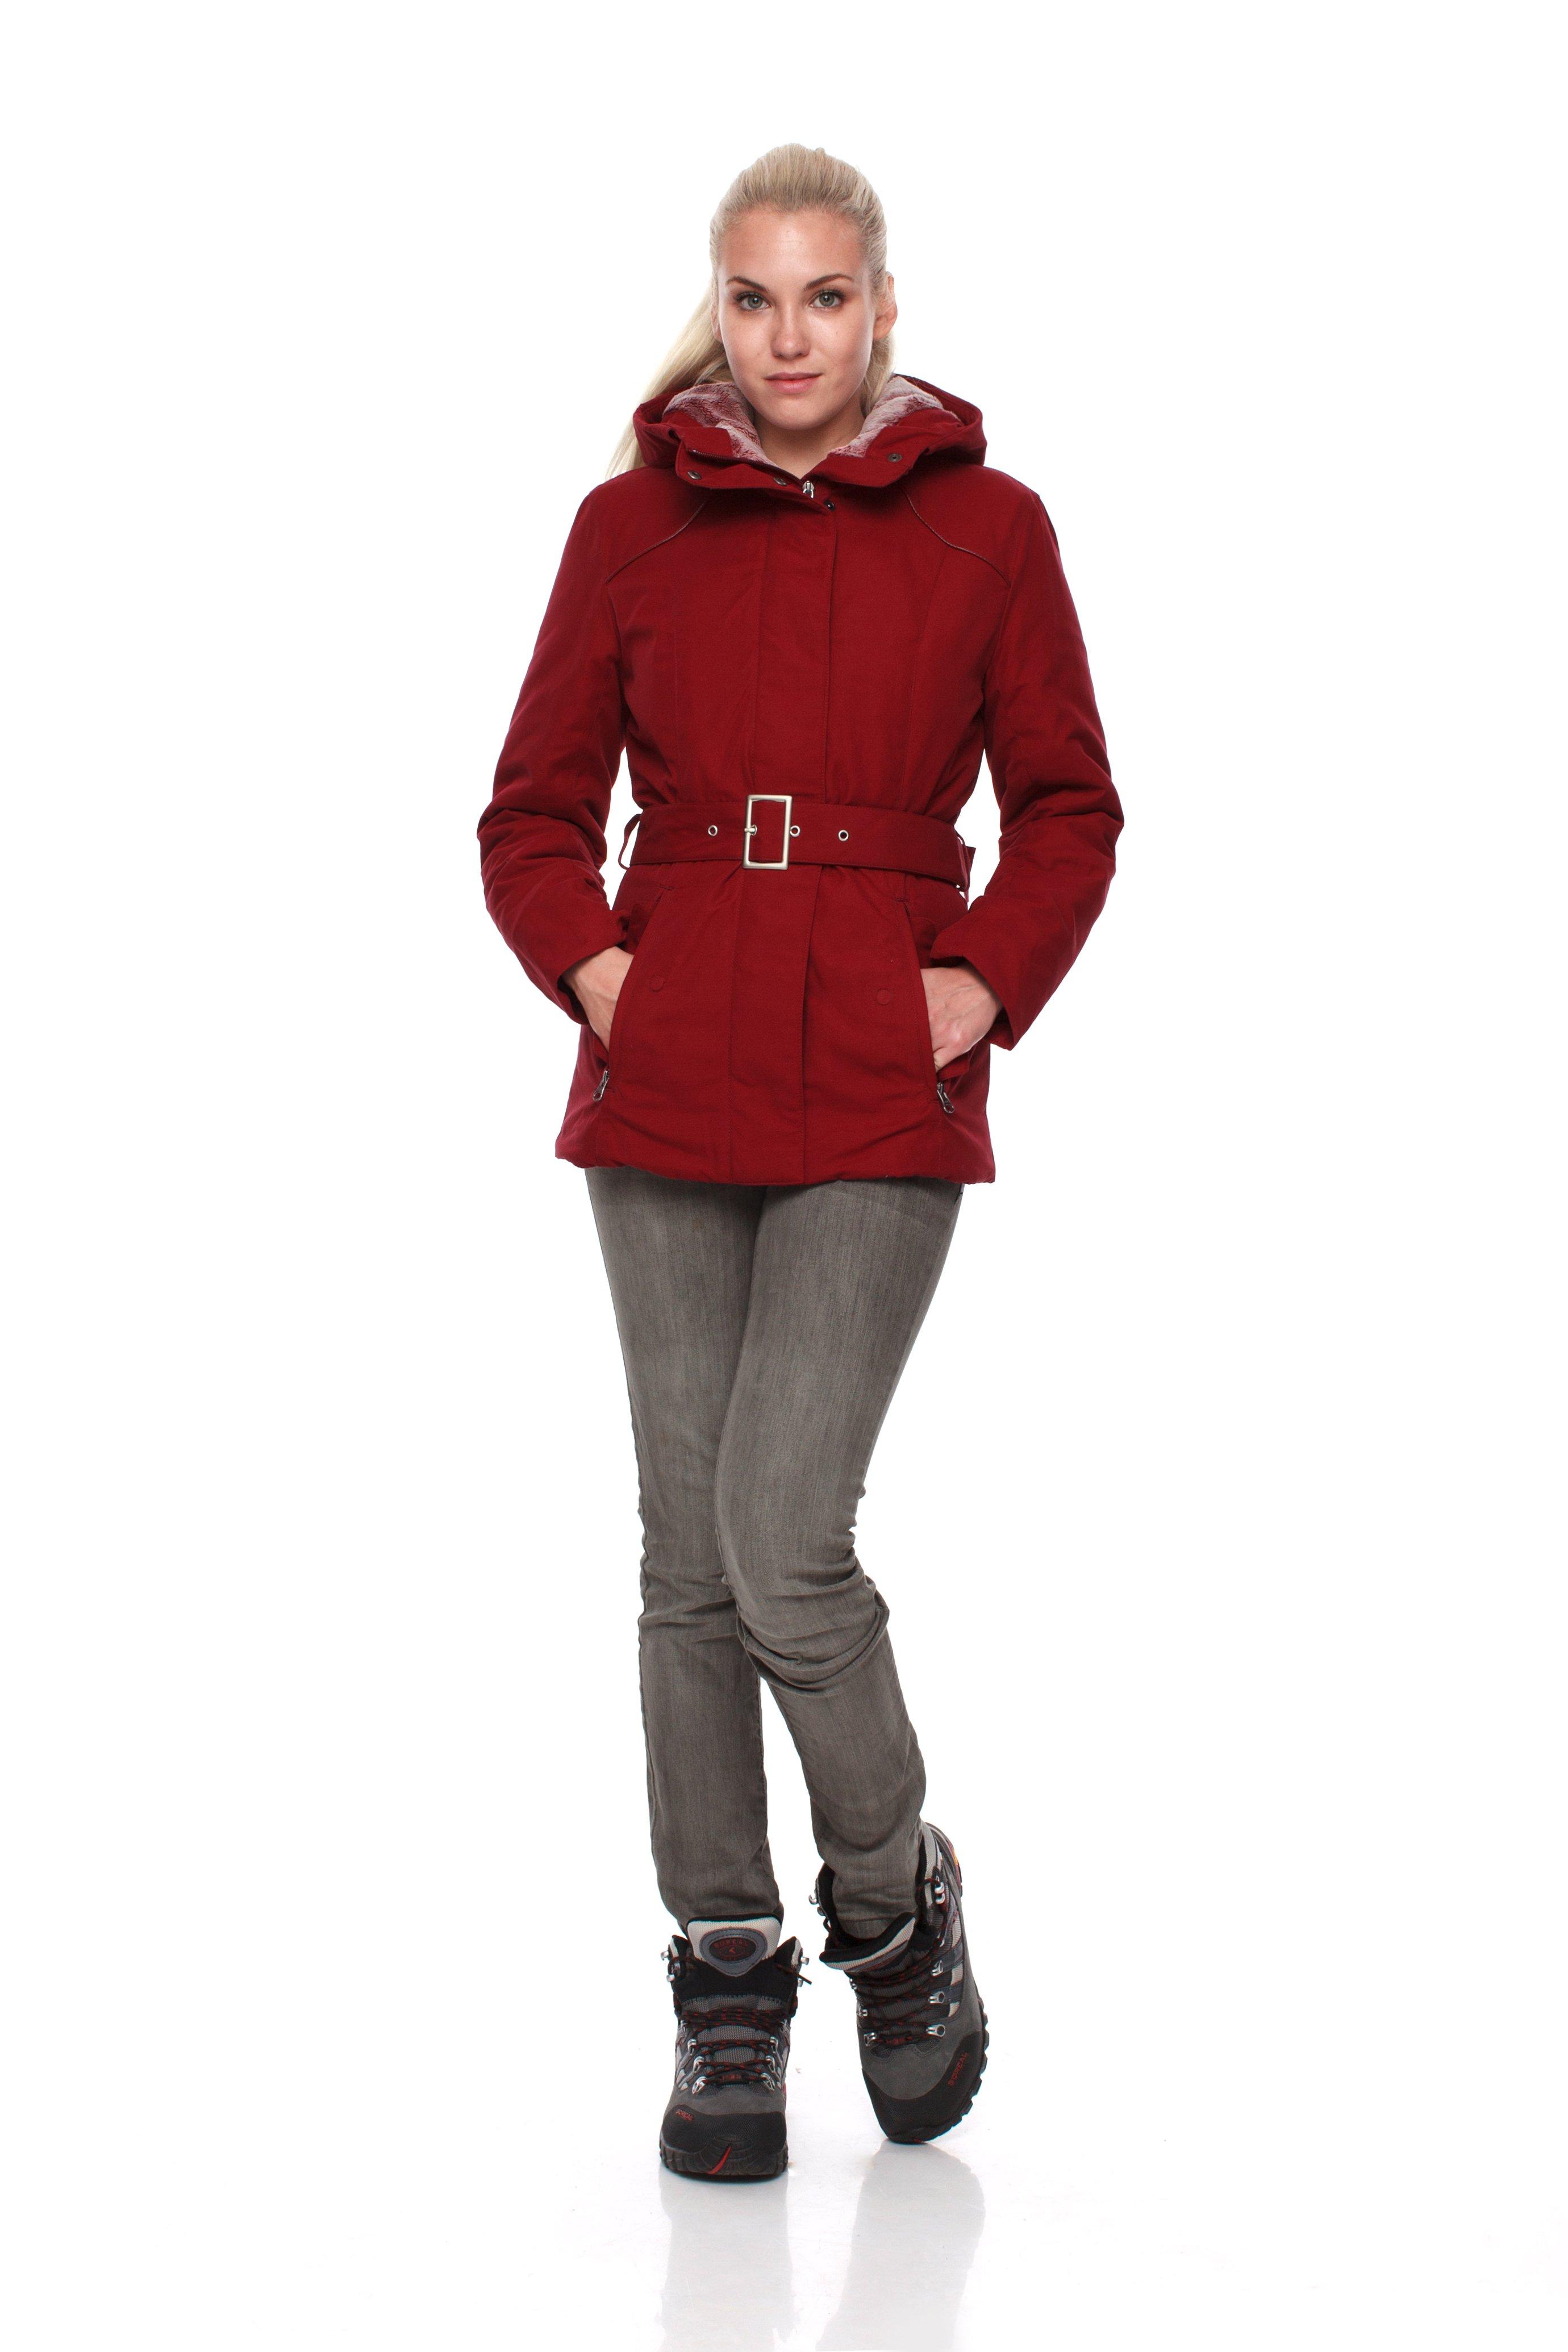 Куртка BASK SHL FURY 5455Куртки<br><br><br>Верхняя ткань: Nylon 50%,Cotton 50%,Teflon WR<br>Ветро-влагозащитные свойства верхней ткани: Да<br>Ветрозащитная планка: Да<br>Ветрозащитная юбка: Нет<br>Влагозащитные молнии: Нет<br>Внутренние манжеты: Да<br>Внутренняя ткань: Advance® Classic<br>Дублирующий центральную молнию клапан: Да<br>Защитный козырёк капюшона: Нет<br>Капюшон: Несъемный<br>Количество внешних карманов: 2<br>Количество внутренних карманов: 2<br>Мембрана: Нет<br>Объемный крой локтевой зоны: Нет<br>Отстёгивающиеся рукава: Нет<br>Проклейка швов: Нет<br>Регулировка манжетов рукавов: Нет<br>Регулировка низа: Нет<br>Регулировка объёма капюшона: Да<br>Регулировка талии: Да<br>Регулируемые вентиляционные отверстия: Нет<br>Световозвращающая лента: Нет<br>Температурный режим: -10<br>Технология Thermal Welding: Нет<br>Технология швов: Простые<br>Тип молнии: Однозамковая<br>Тип утеплителя: Синтетический<br>Ткань усиления: Нет<br>Усиление контактных зон: Нет<br>Утеплитель: Shelter®Sport<br>Размер RU: 54<br>Цвет: КОРИЧНЕВЫЙ